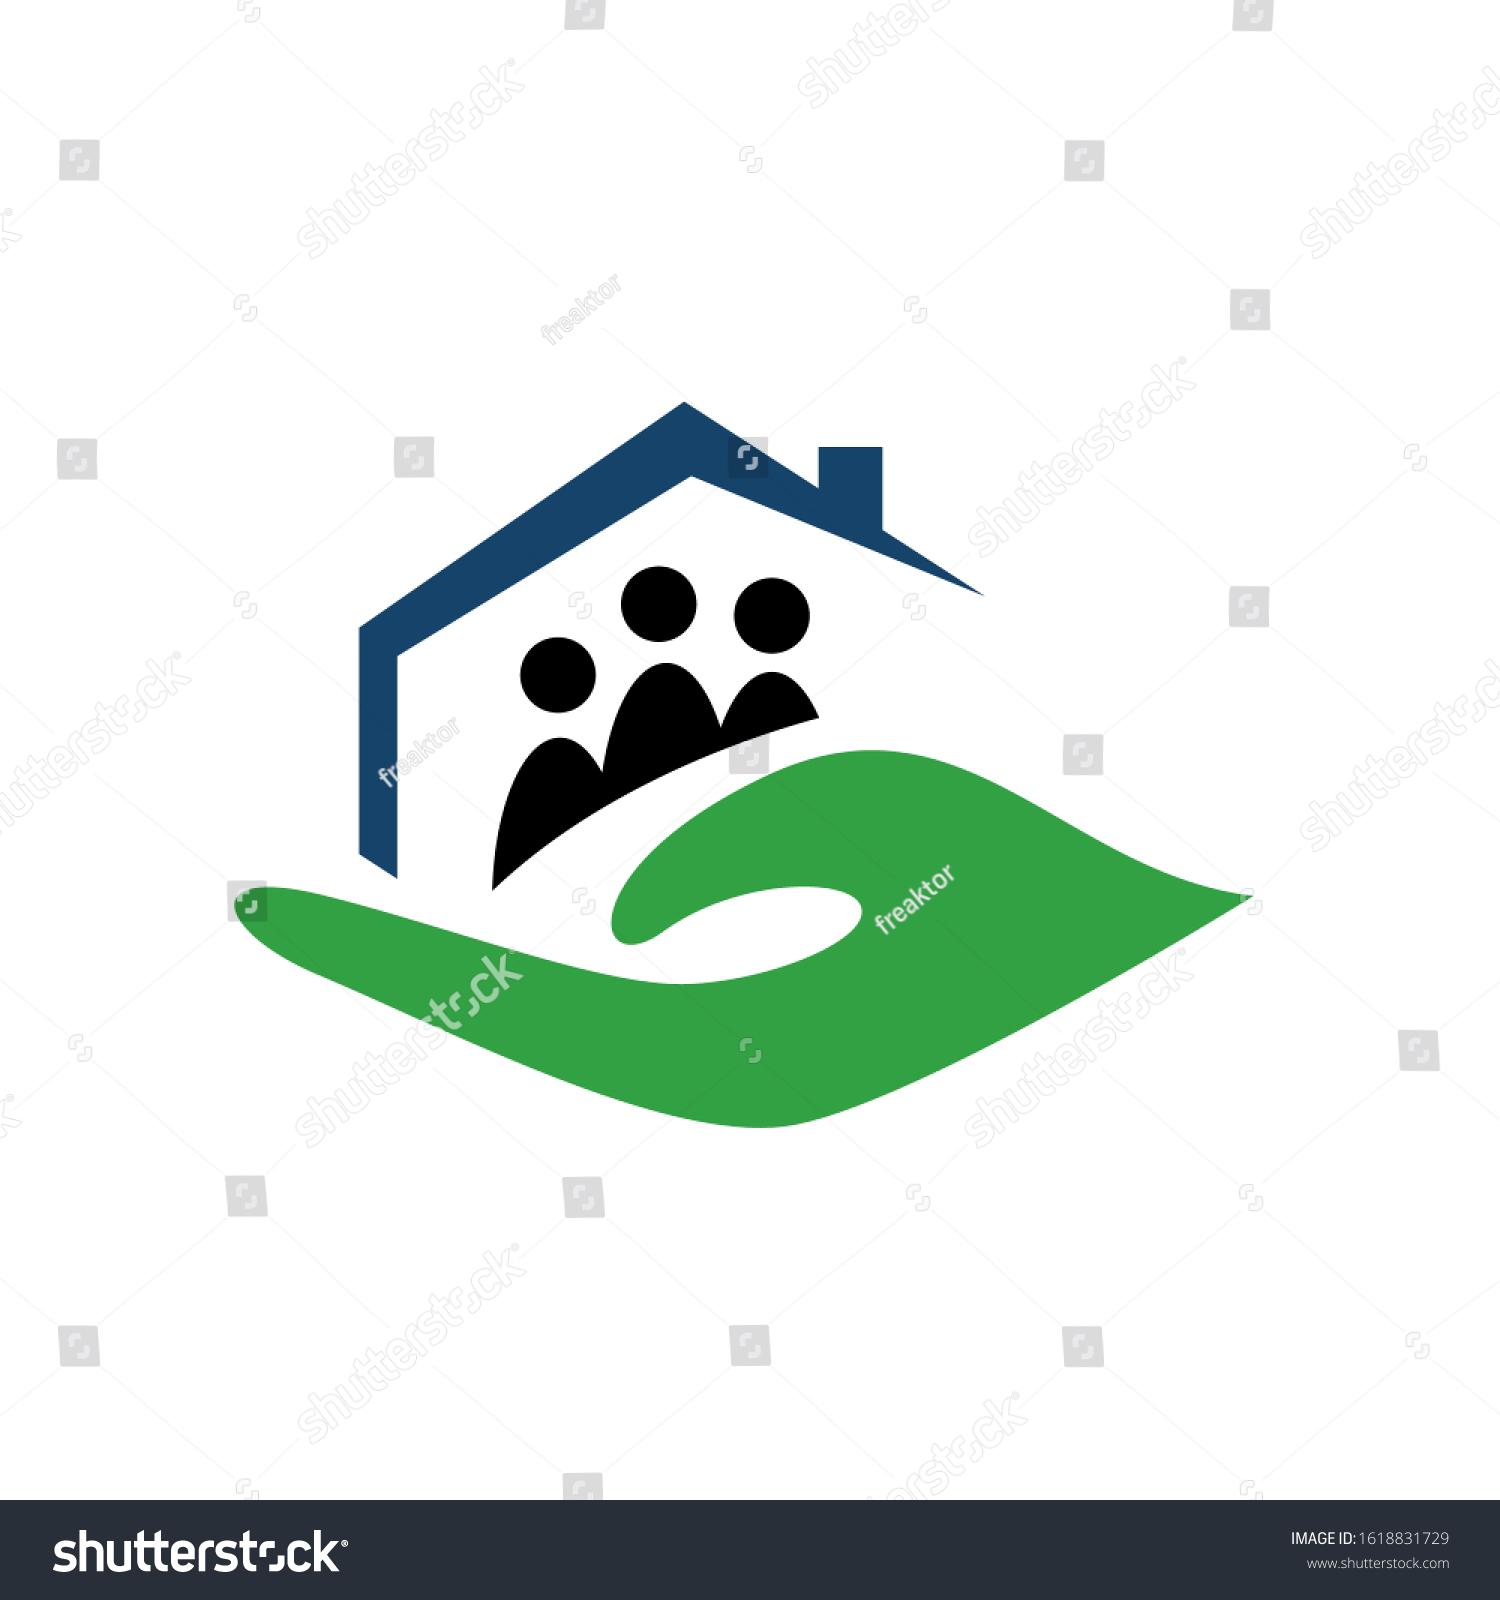 Nursing Home Care Logo Design Vector Stock Vector Royalty Free 1618831729